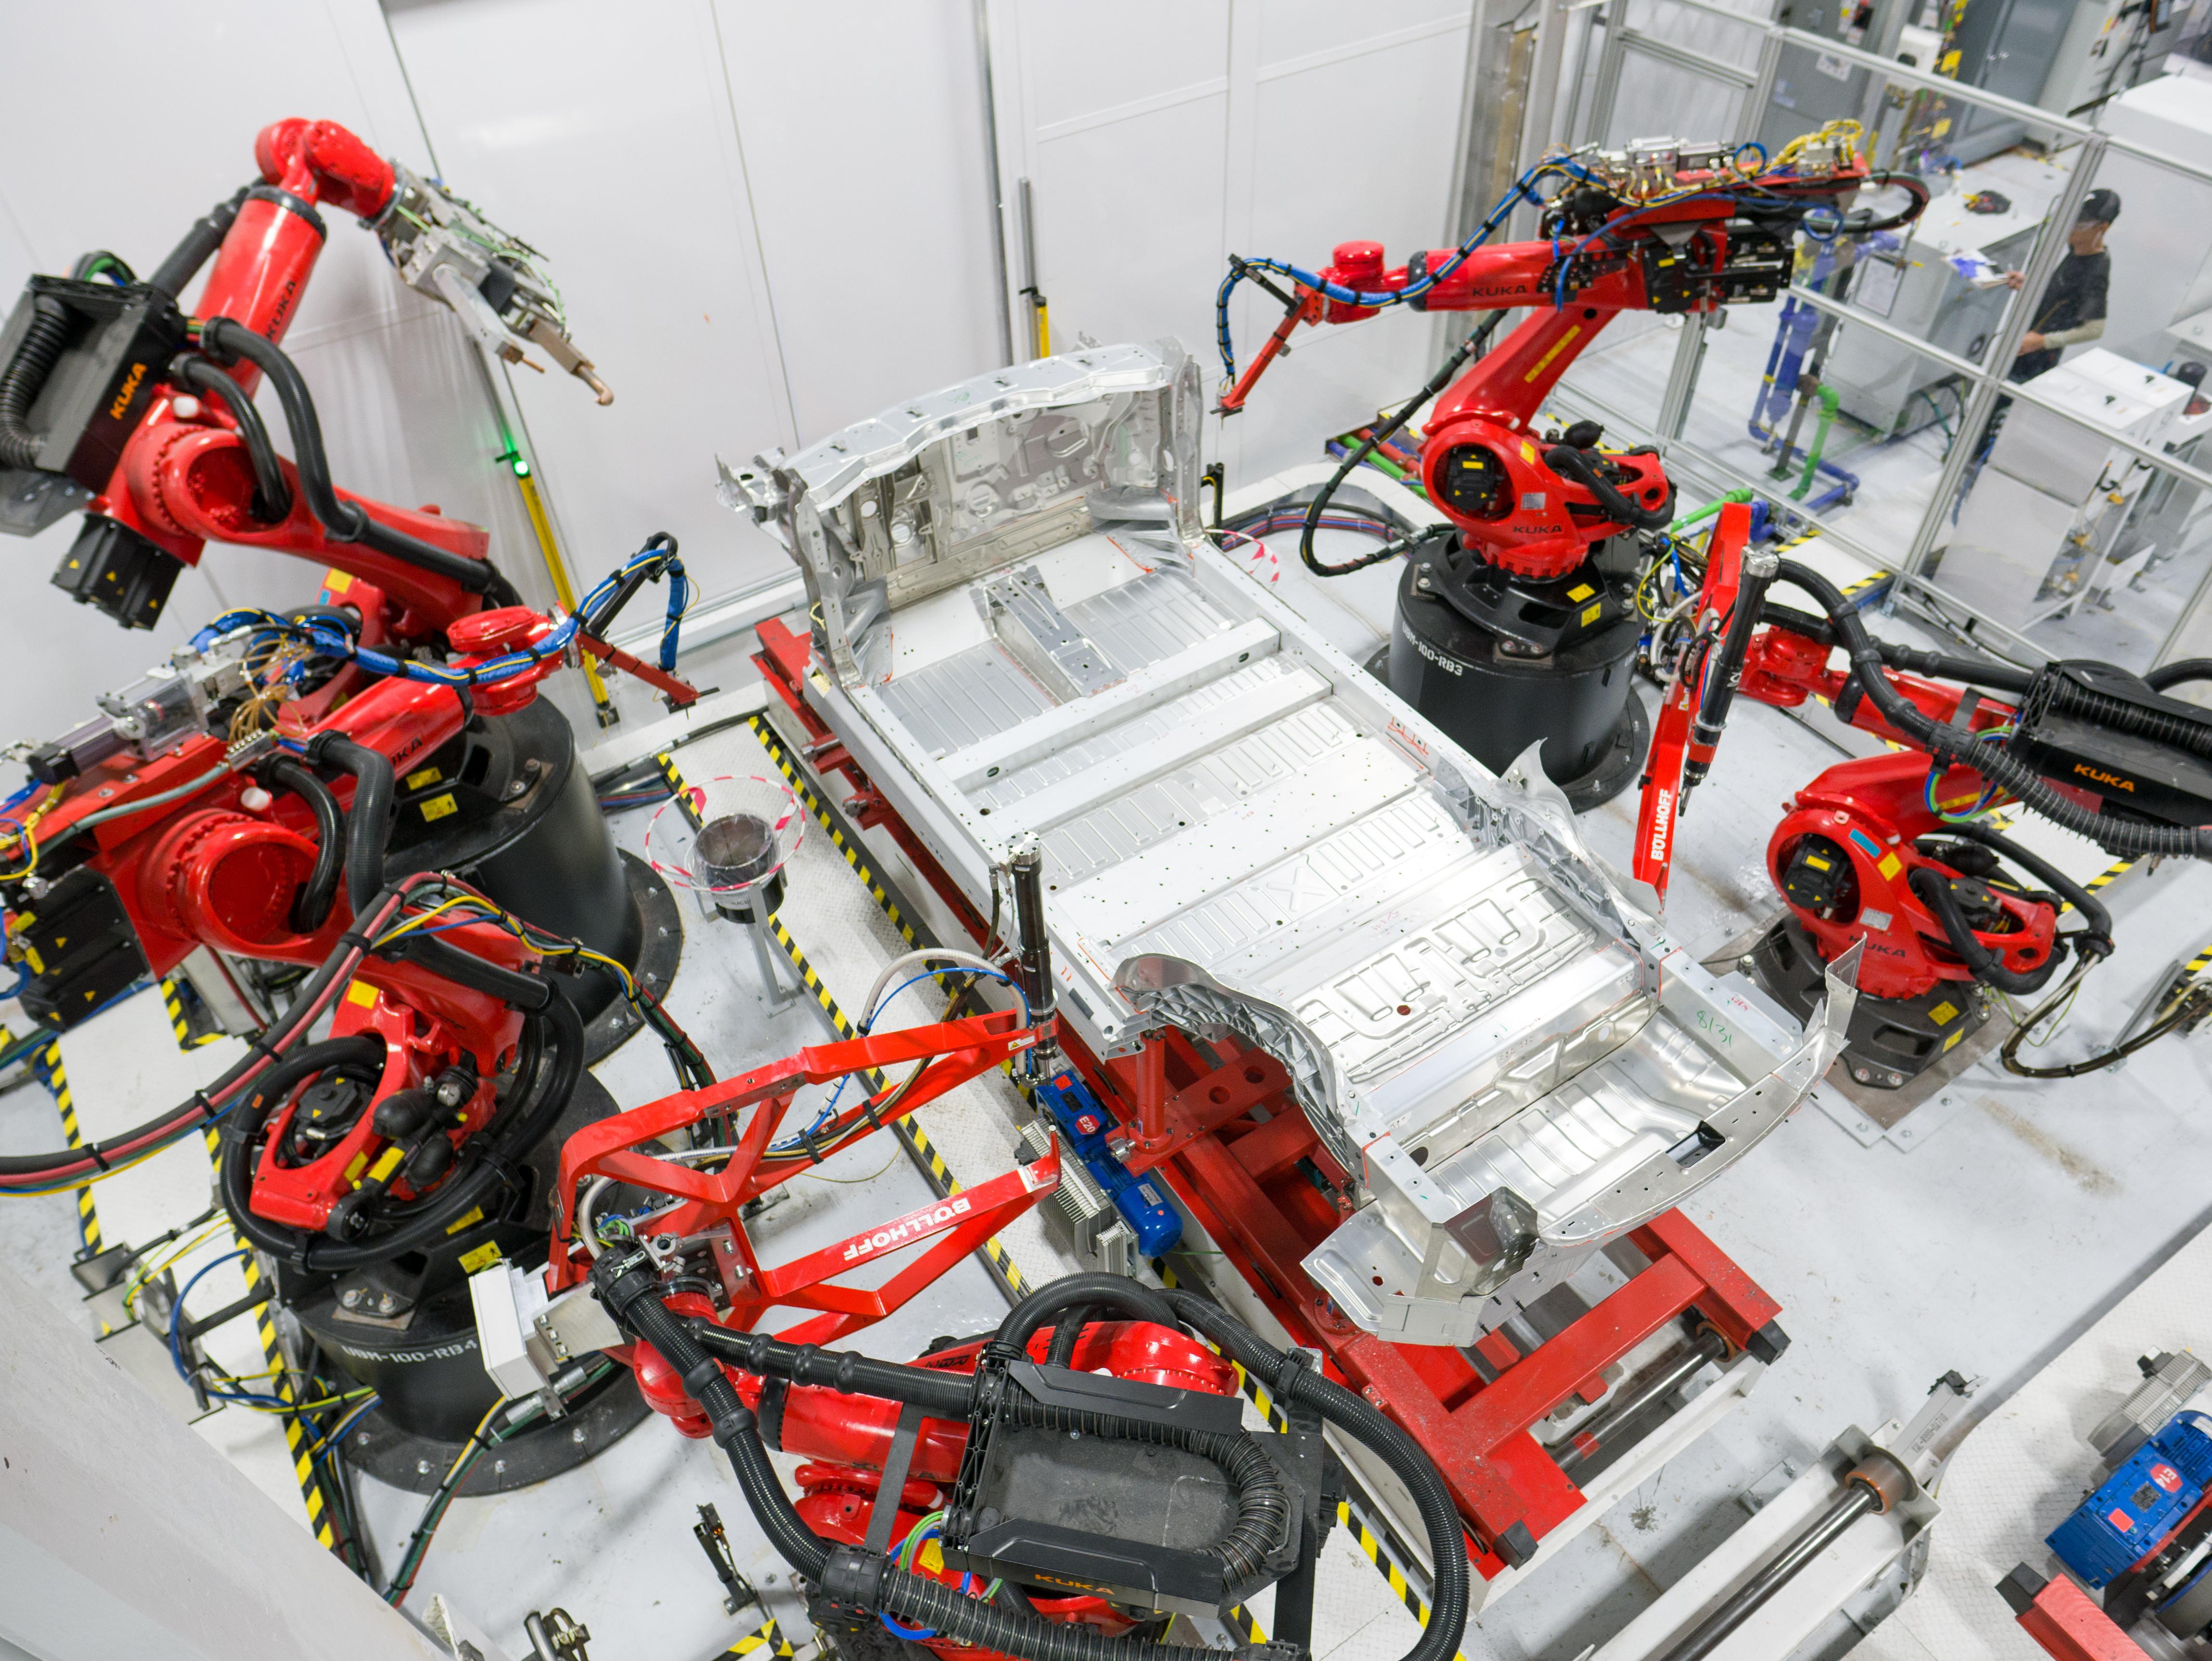 Tesla vehicle production. Image source: author.